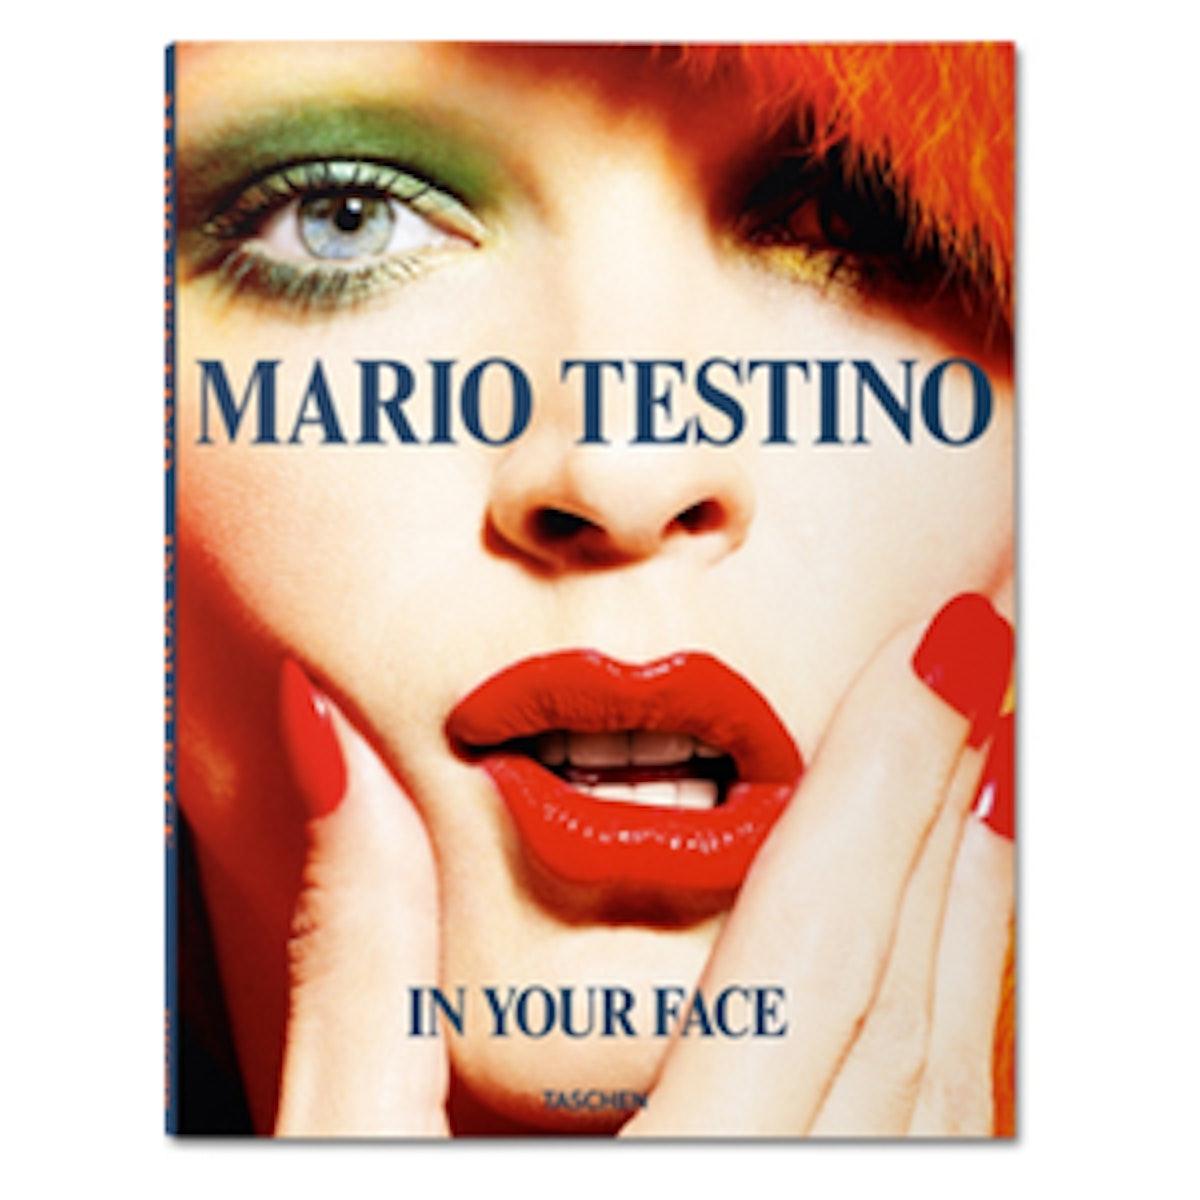 Mario Testino: In Your Face (Pre-Order)